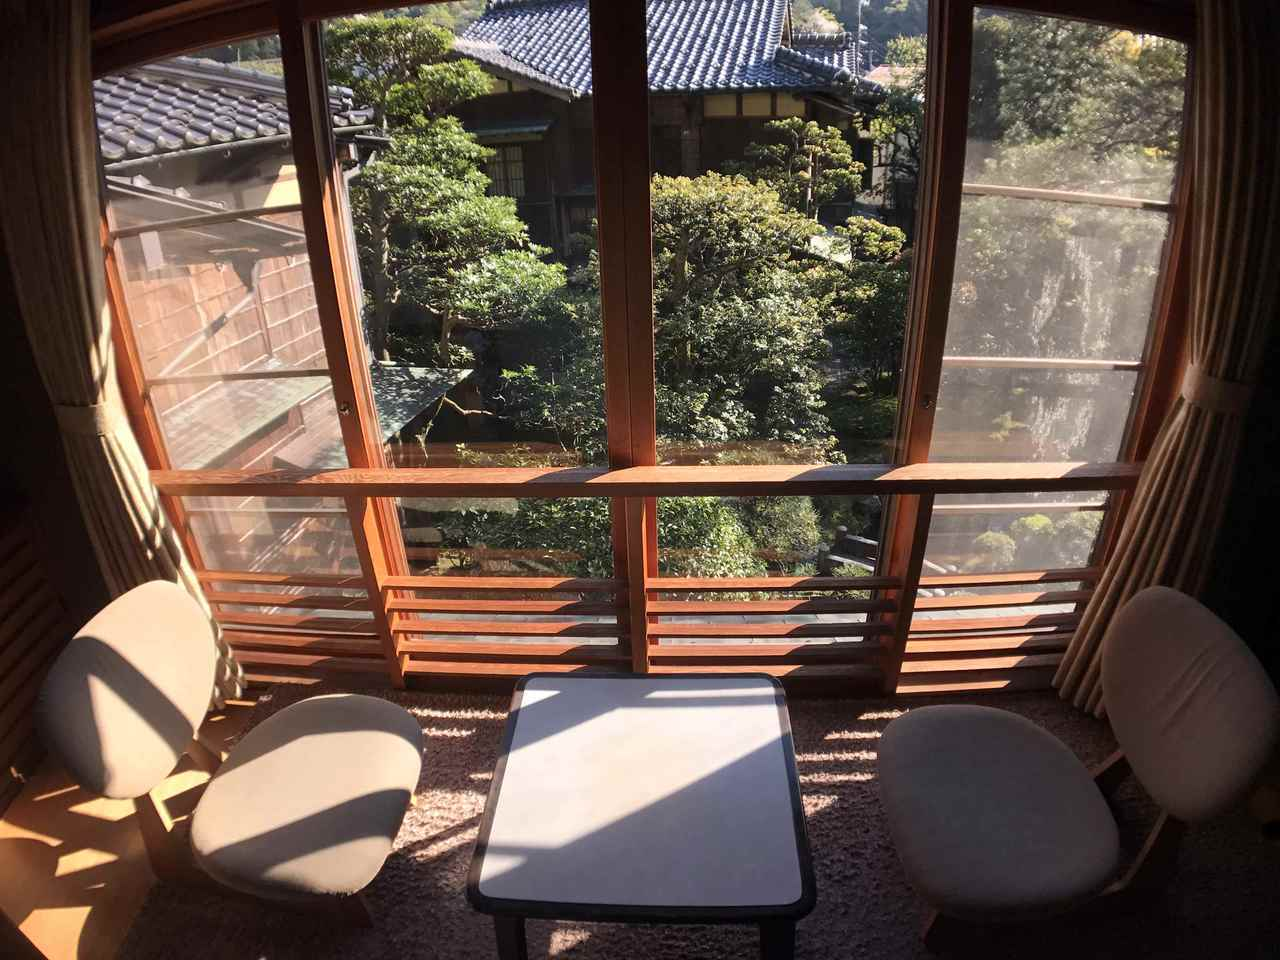 入住西村屋招月庭窗外庭園景緻。圖/有行旅提供。